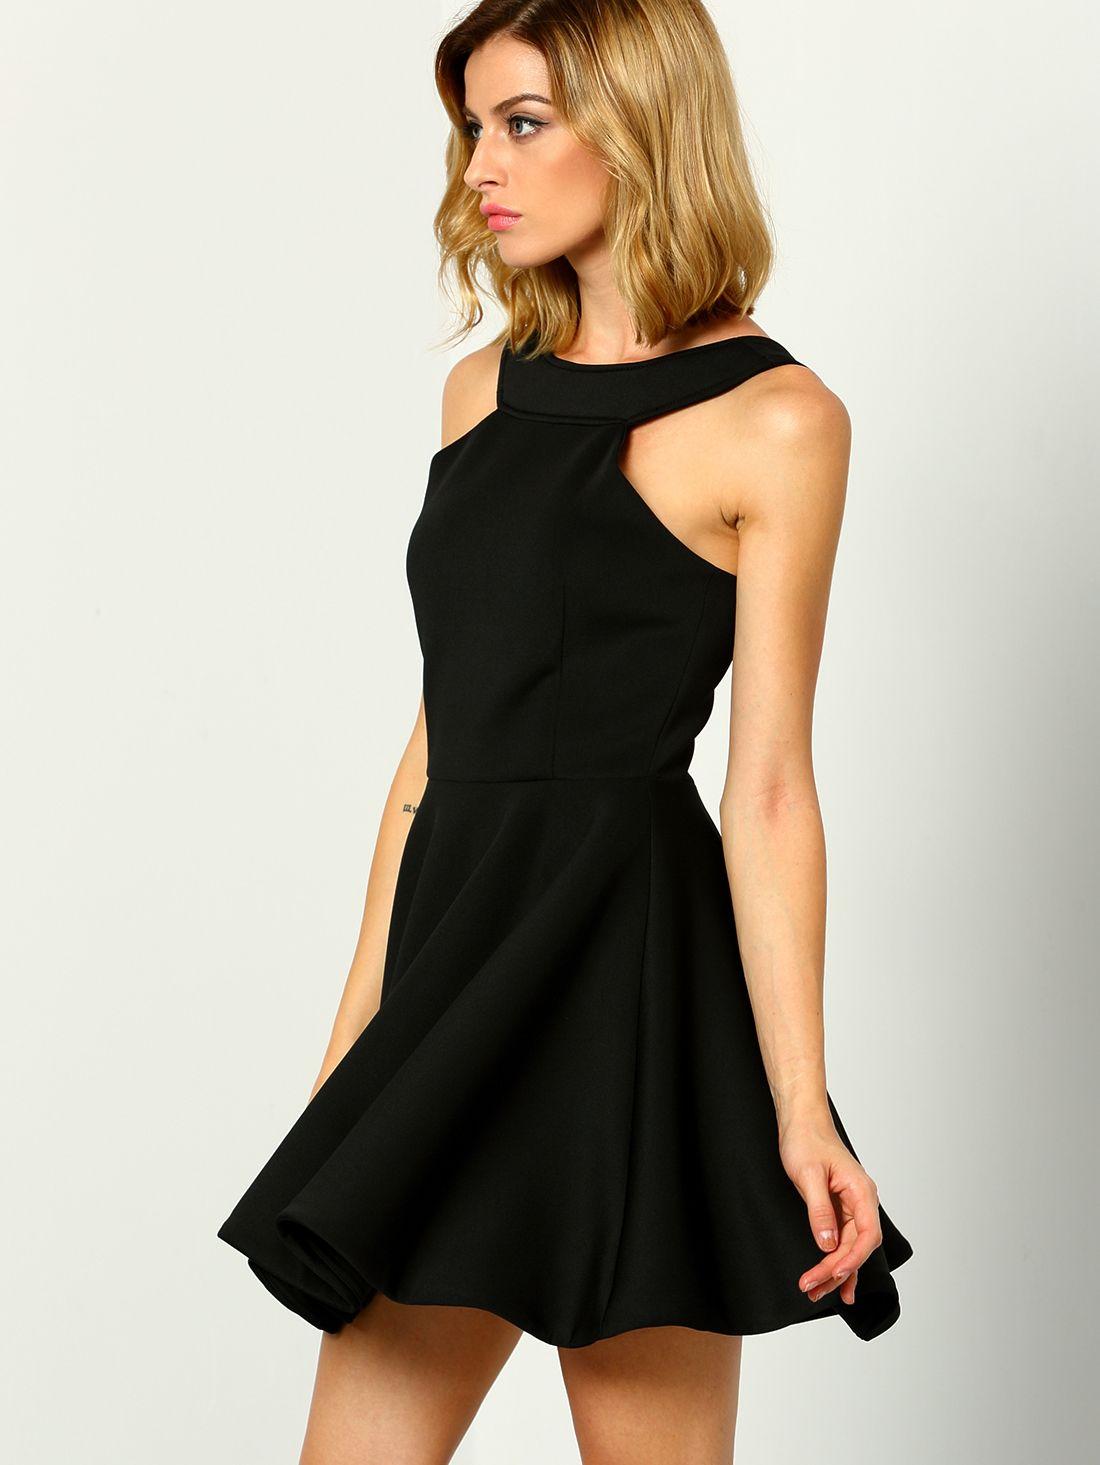 Black halter backless flare dress black